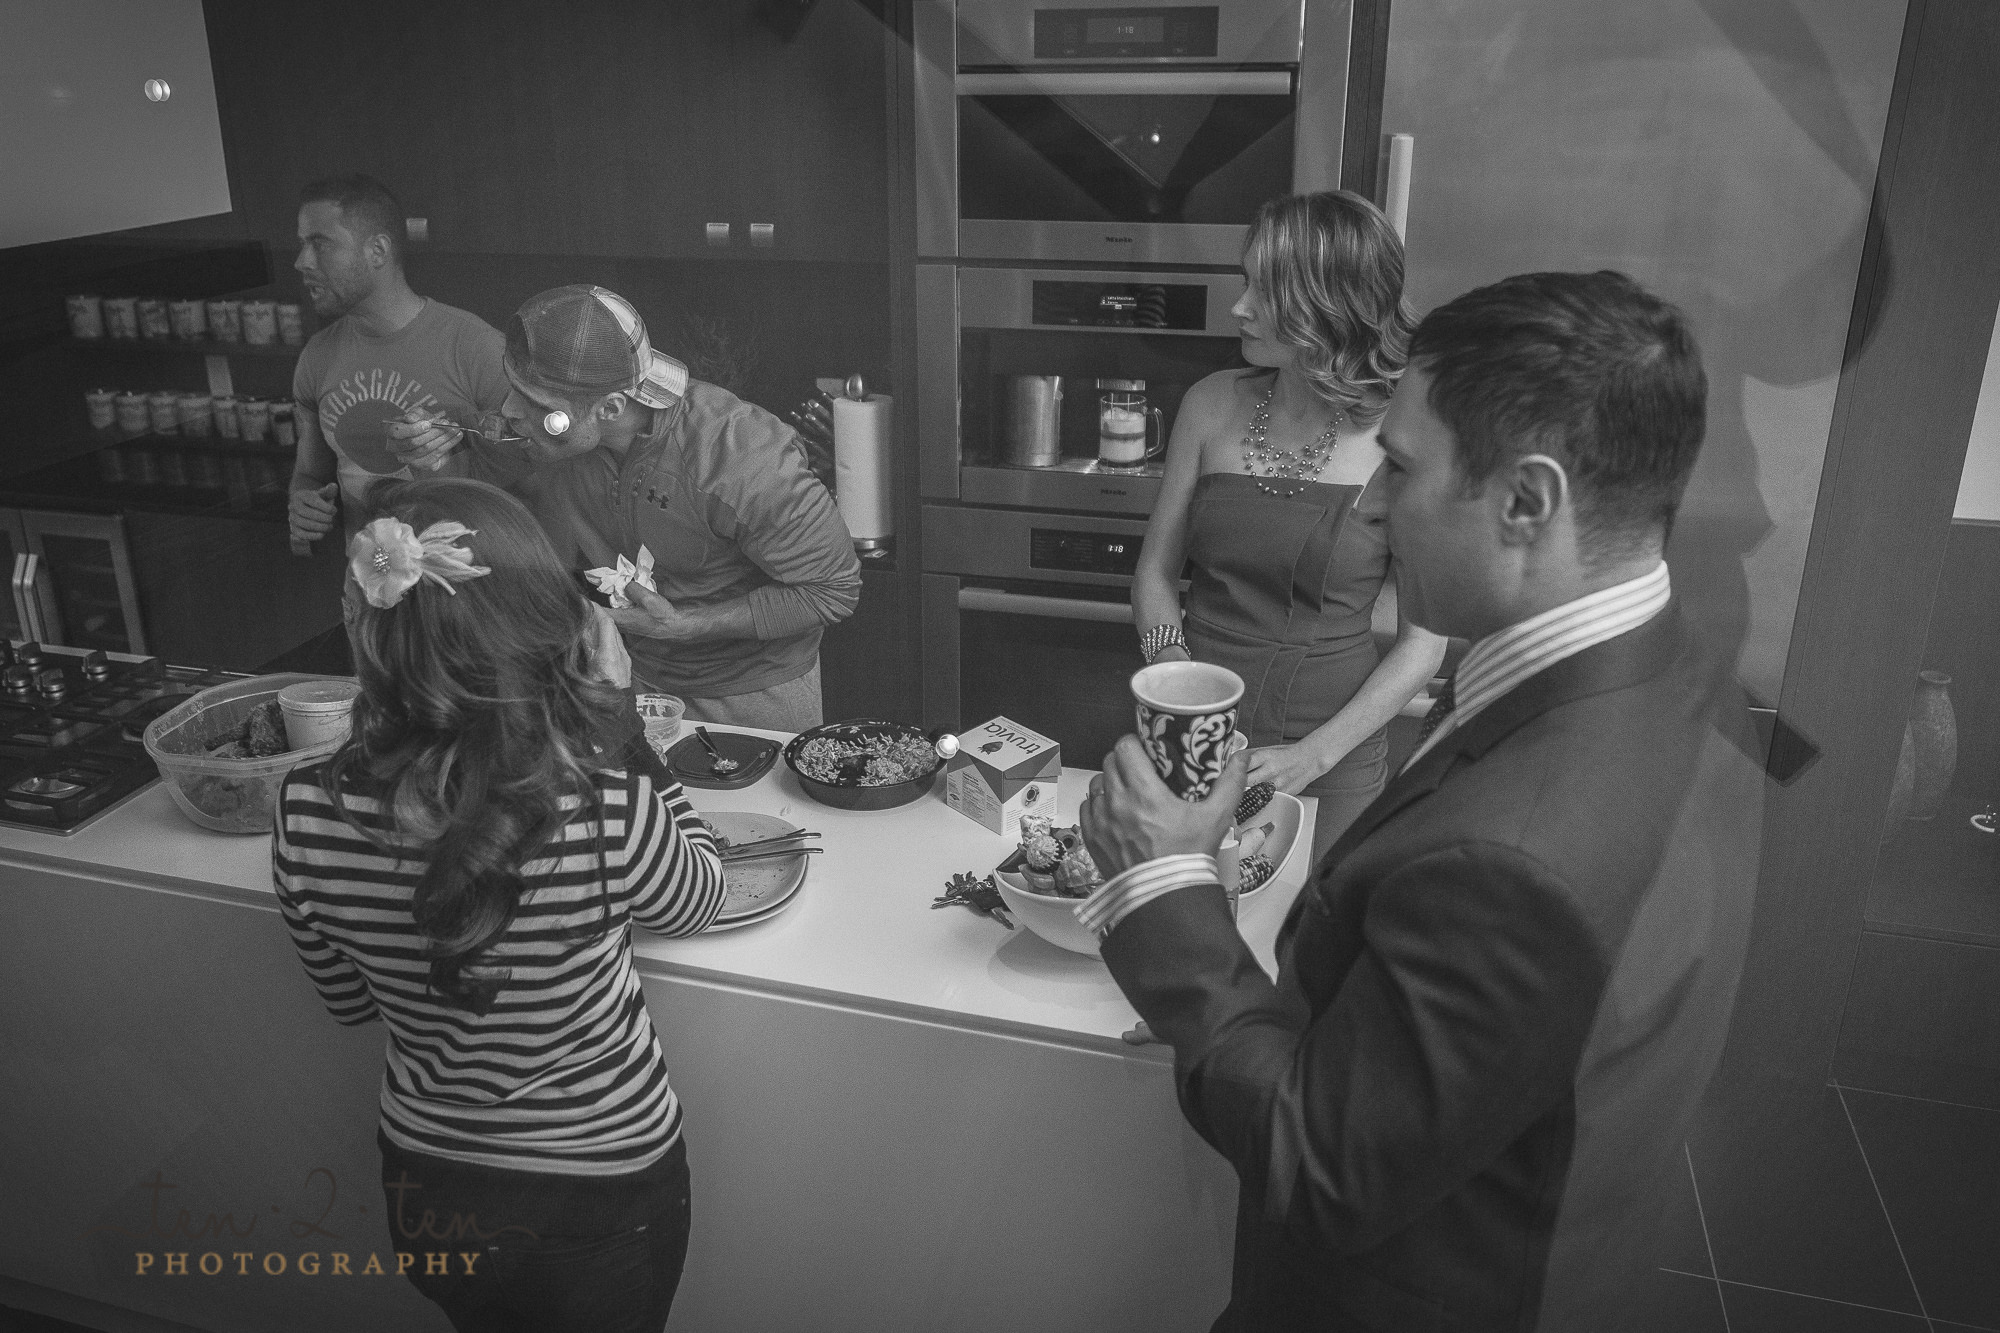 mildreds temple kitchen wedding photos 37 - Mildred's Temple Kitchen Wedding Photos